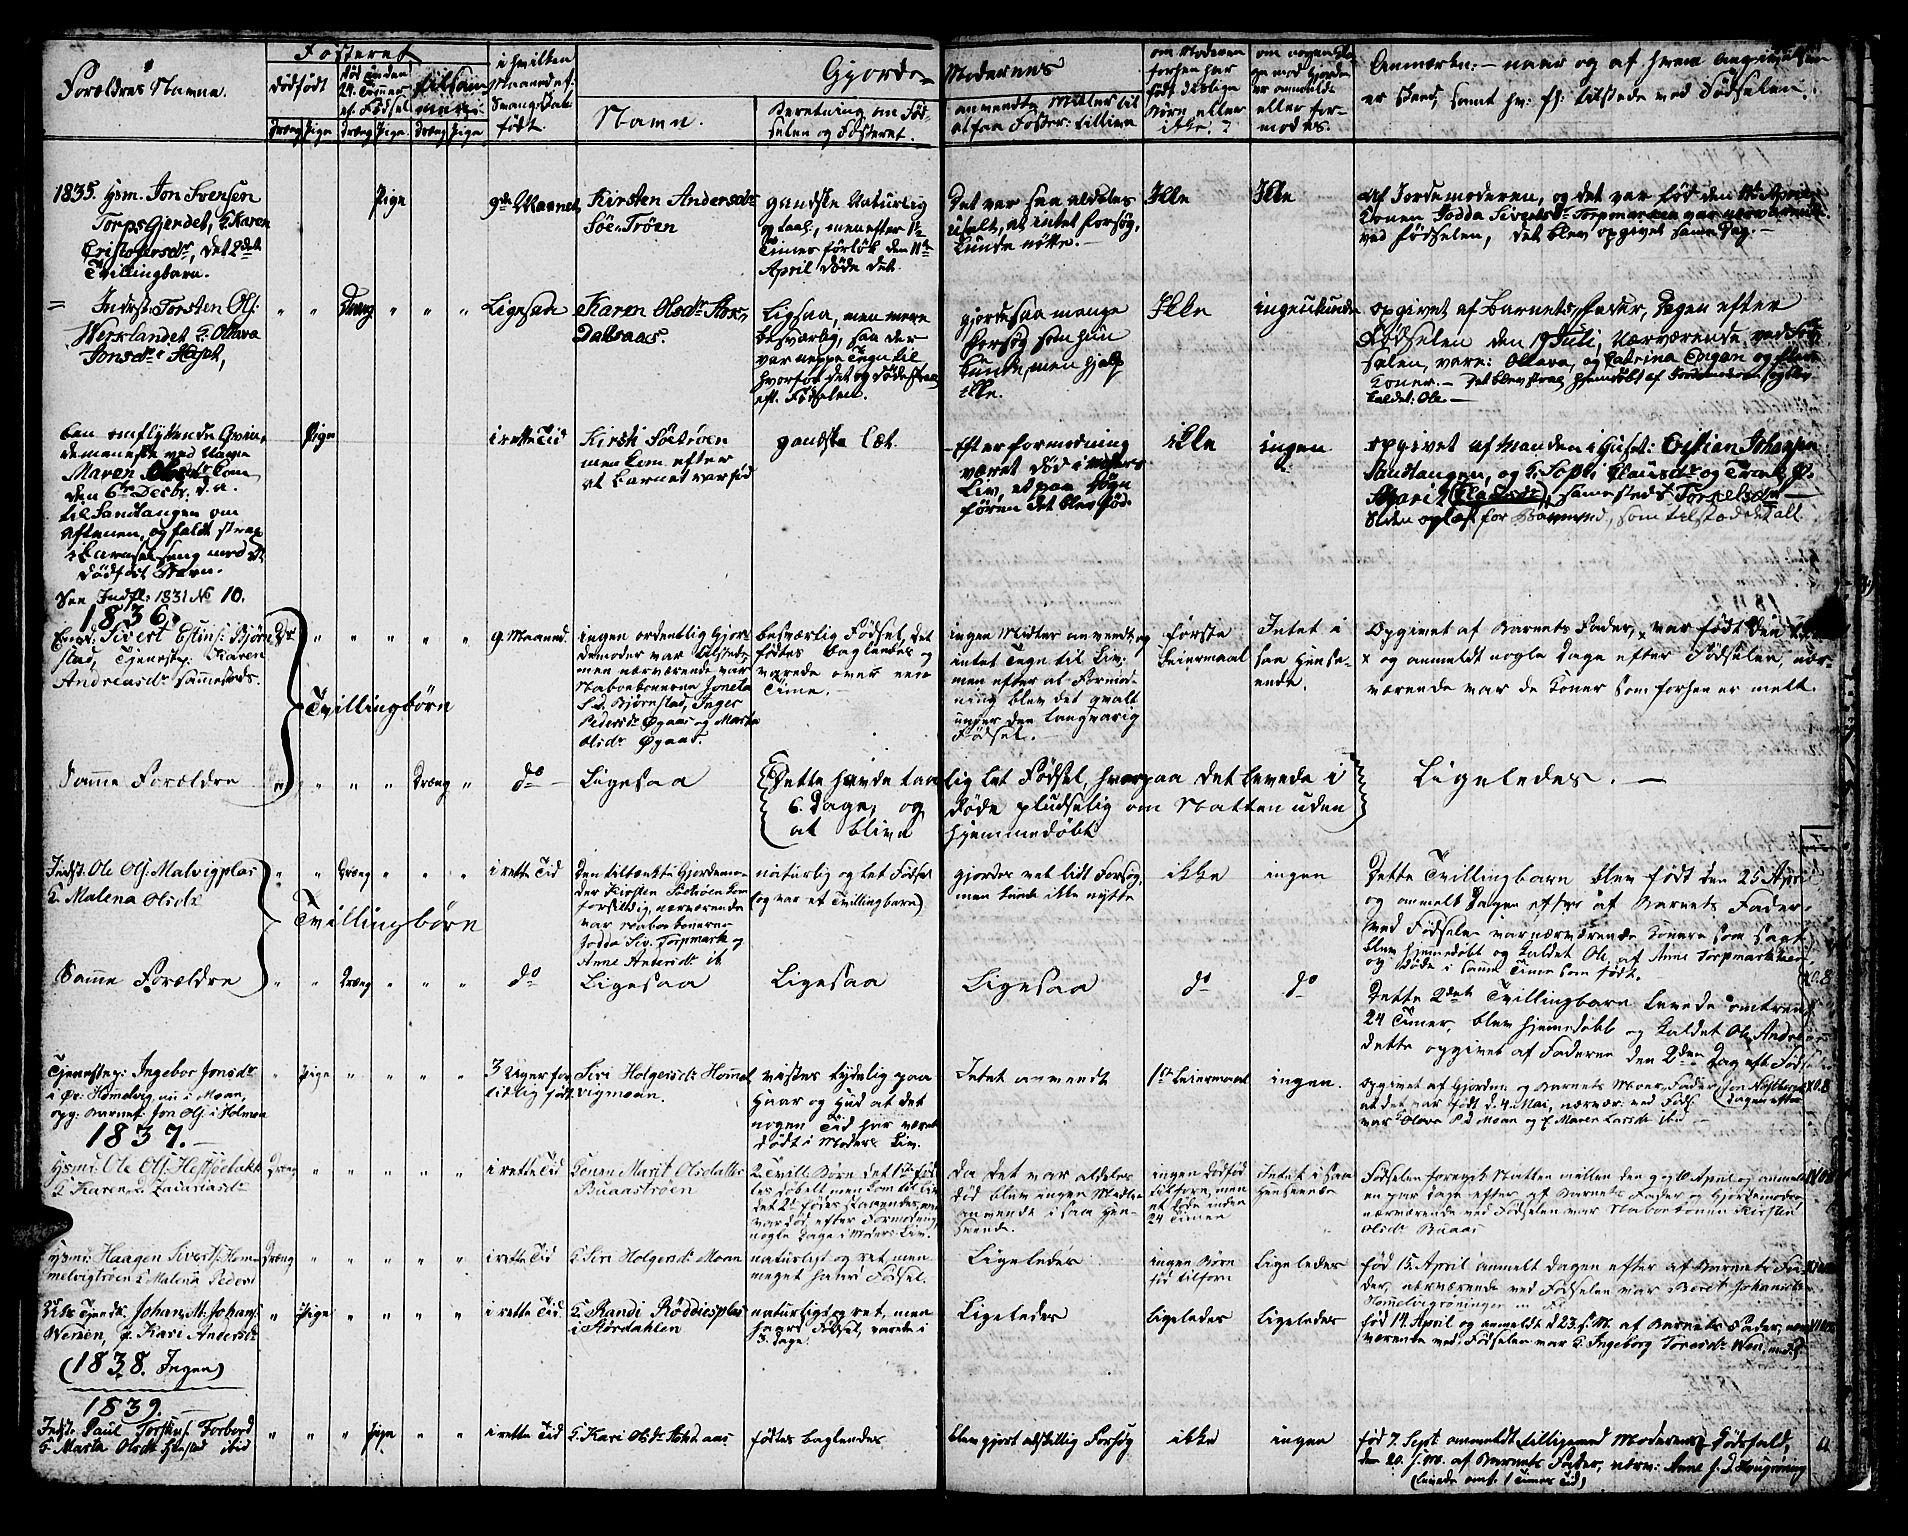 SAT, Ministerialprotokoller, klokkerbøker og fødselsregistre - Sør-Trøndelag, 616/L0421: Klokkerbok nr. 616C04, 1834-1850, s. 44